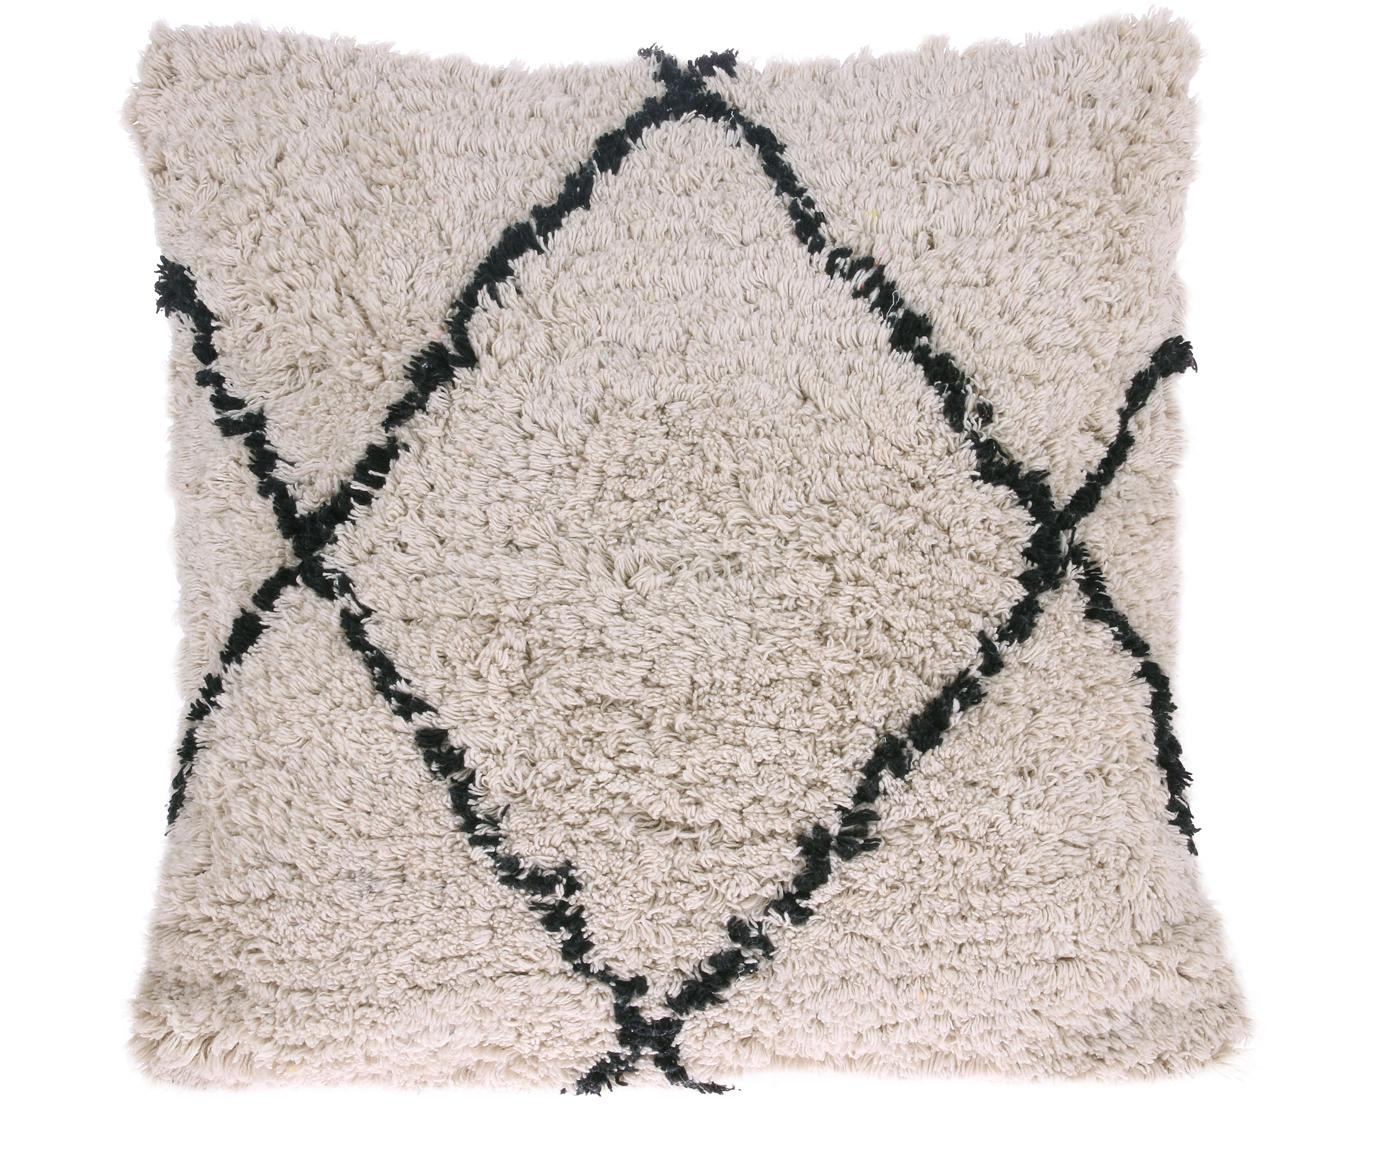 Kussen met patroon Diamond met getuft oppervlak, met vulling, Katoen, Gebroken wit, zwart, 50 x 50 cm